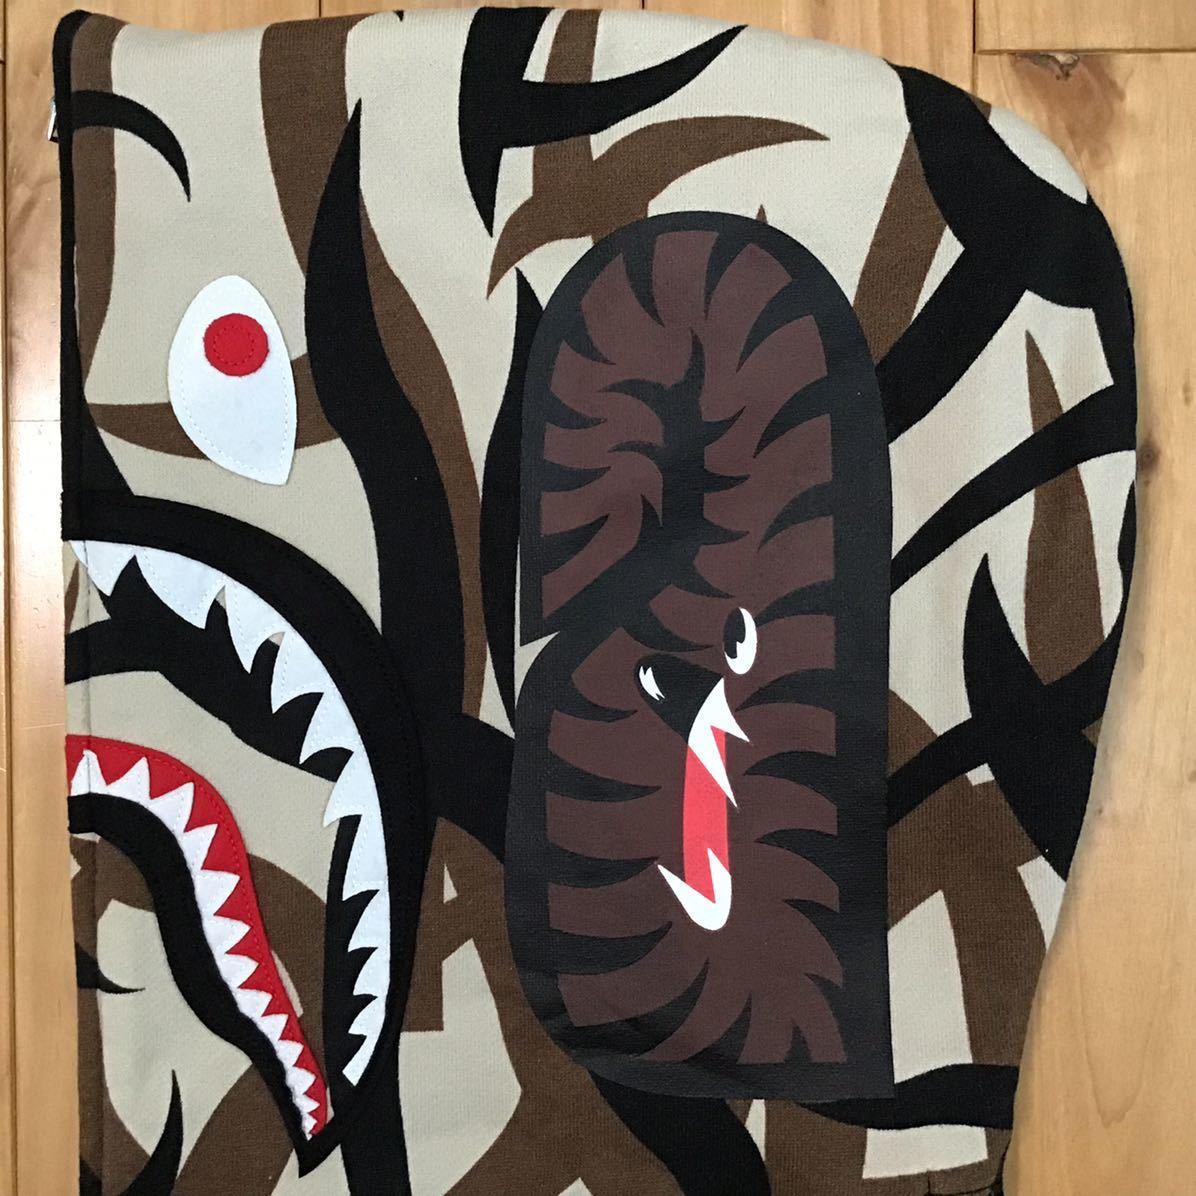 ★激レア★ NW20周年記念 tribal camo シャーク パーカー Mサイズ shark full zip hoodie a bathing ape bape エイプ ベイプ 迷彩 c75